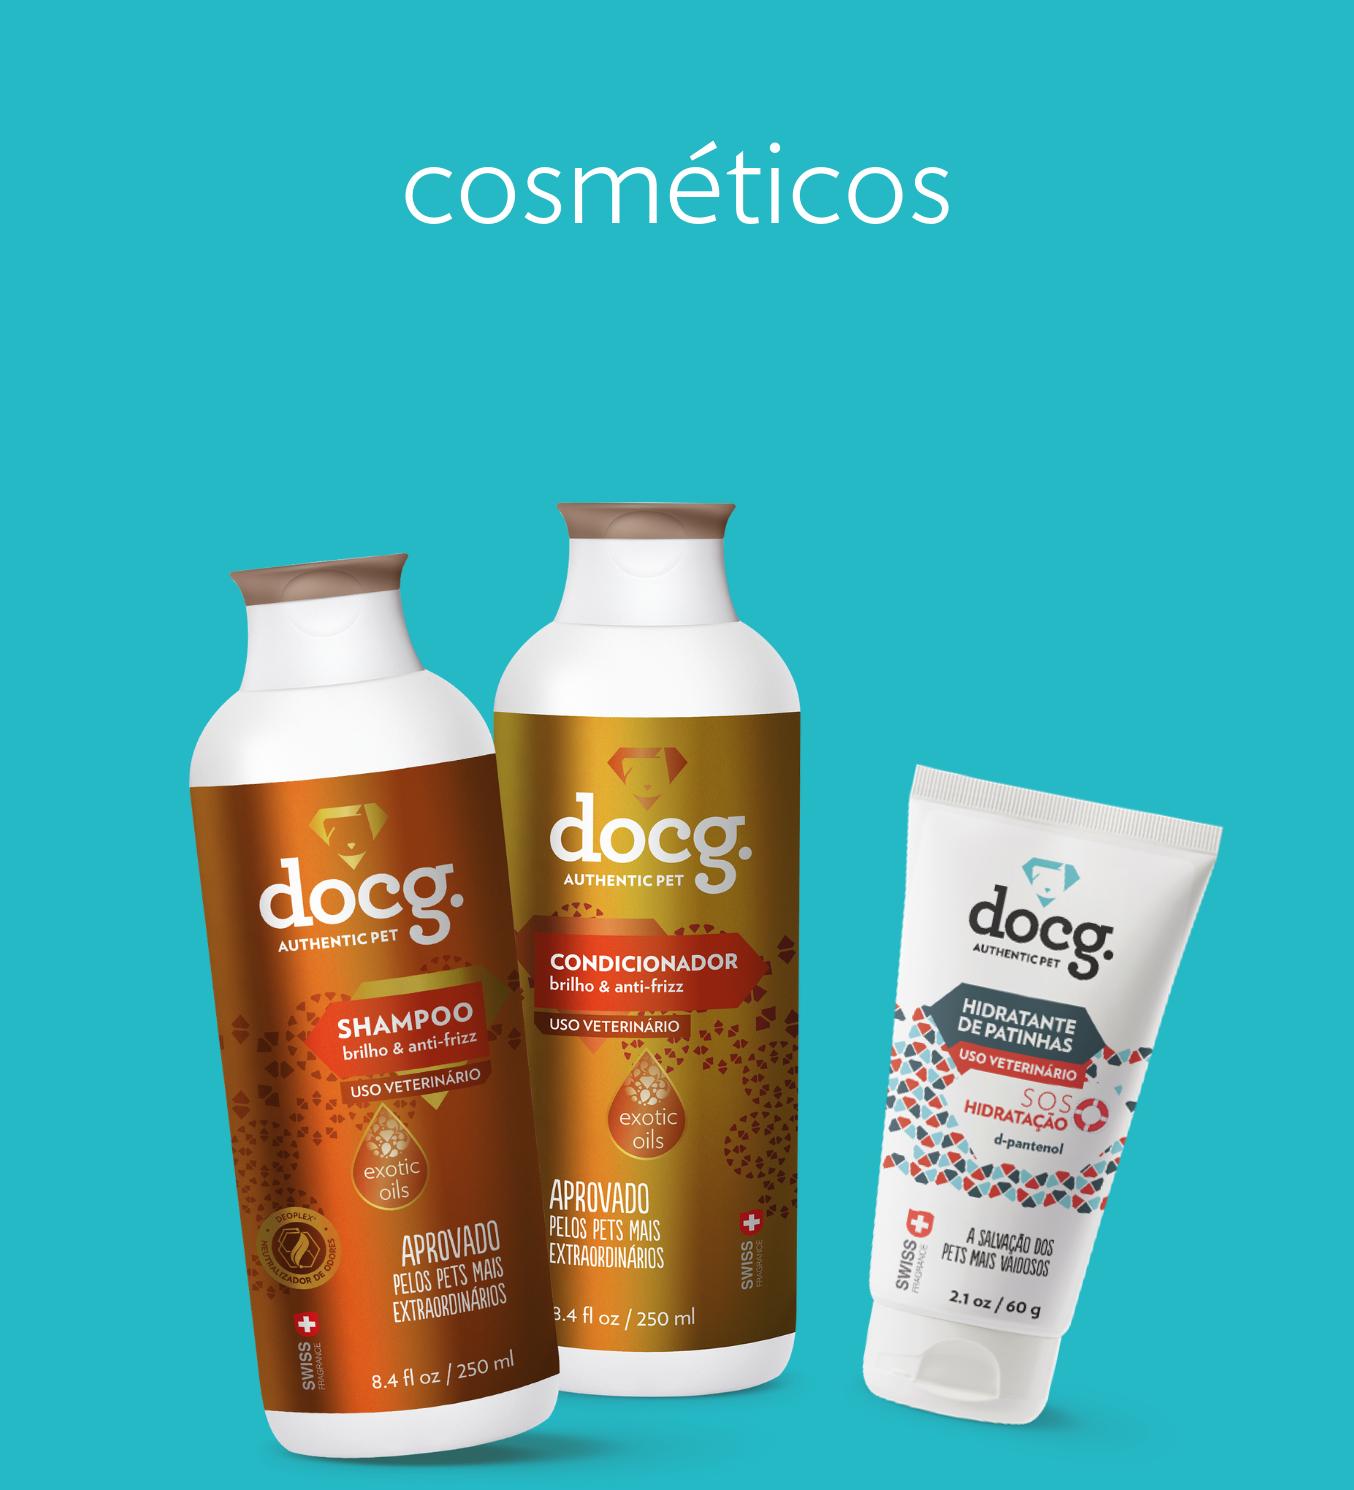 docg-cosmetico-cachorro-gato-shampoo-hidratante-patinhas